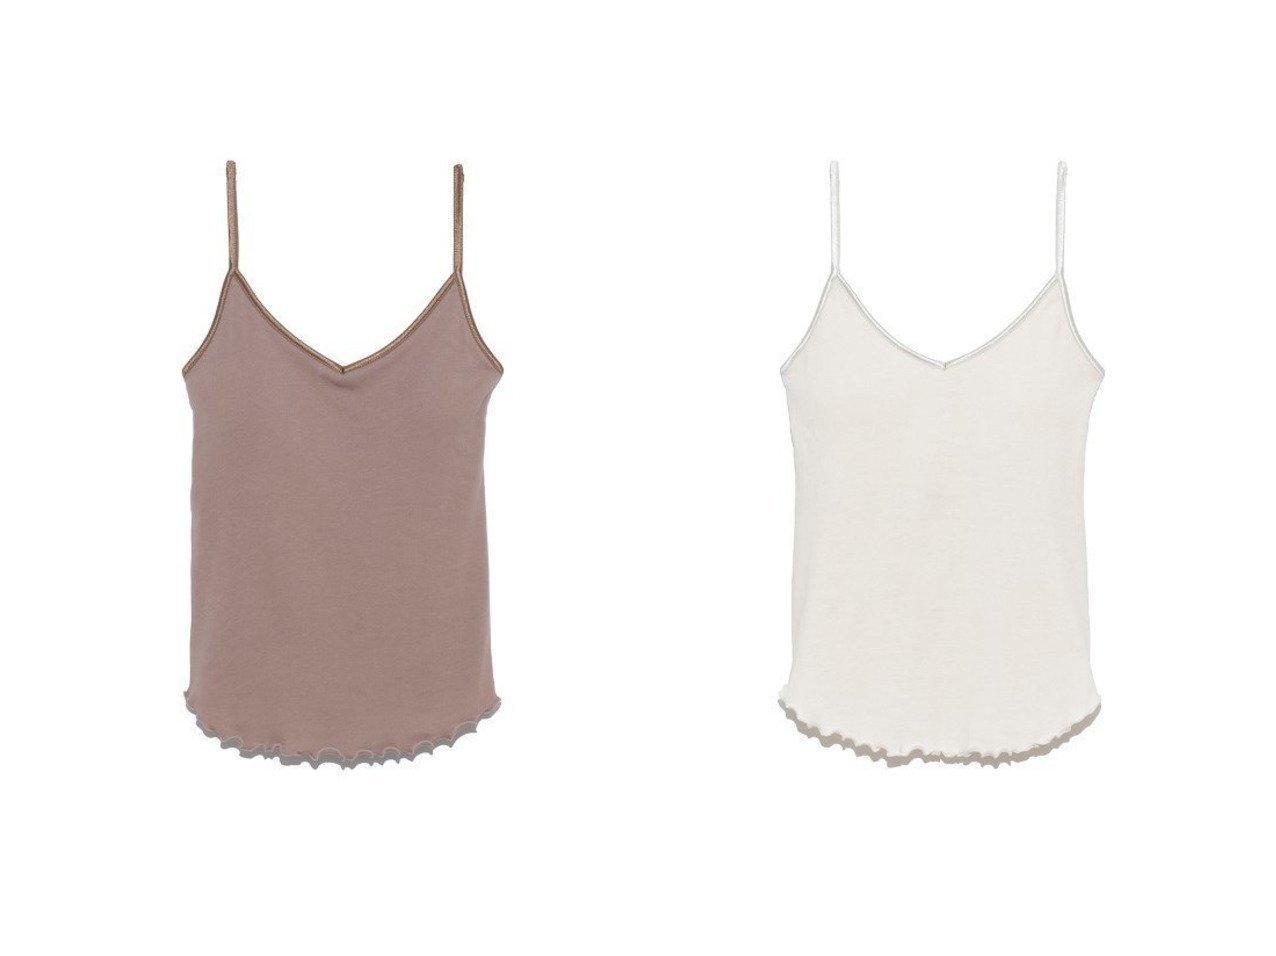 【Lily Brown/リリーブラウン】のオーガニックコットンキャミソール リリーブラウンのおすすめ!人気、トレンド・レディースファッションの通販 おすすめで人気の流行・トレンド、ファッションの通販商品 メンズファッション・キッズファッション・インテリア・家具・レディースファッション・服の通販 founy(ファニー) https://founy.com/ ファッション Fashion レディースファッション WOMEN トップス カットソー Tops Tshirt キャミソール / ノースリーブ No Sleeves キャミソール スマート フィット リラックス NEW・新作・新着・新入荷 New Arrivals |ID:crp329100000022014